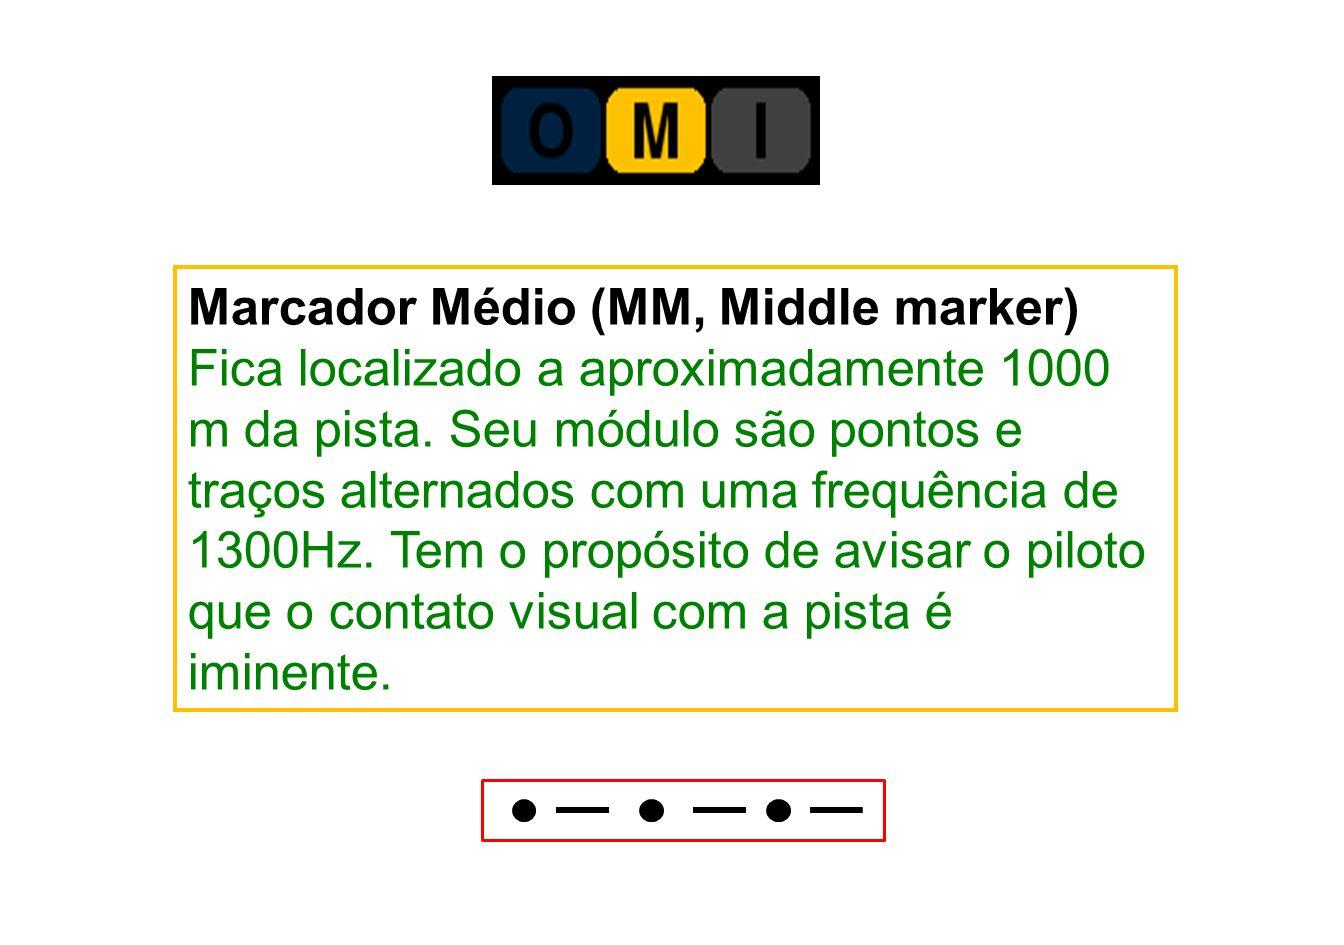 Marcador Interno (IM, Inner marker) Fica localizado a aproximadamente 300 m da pista.